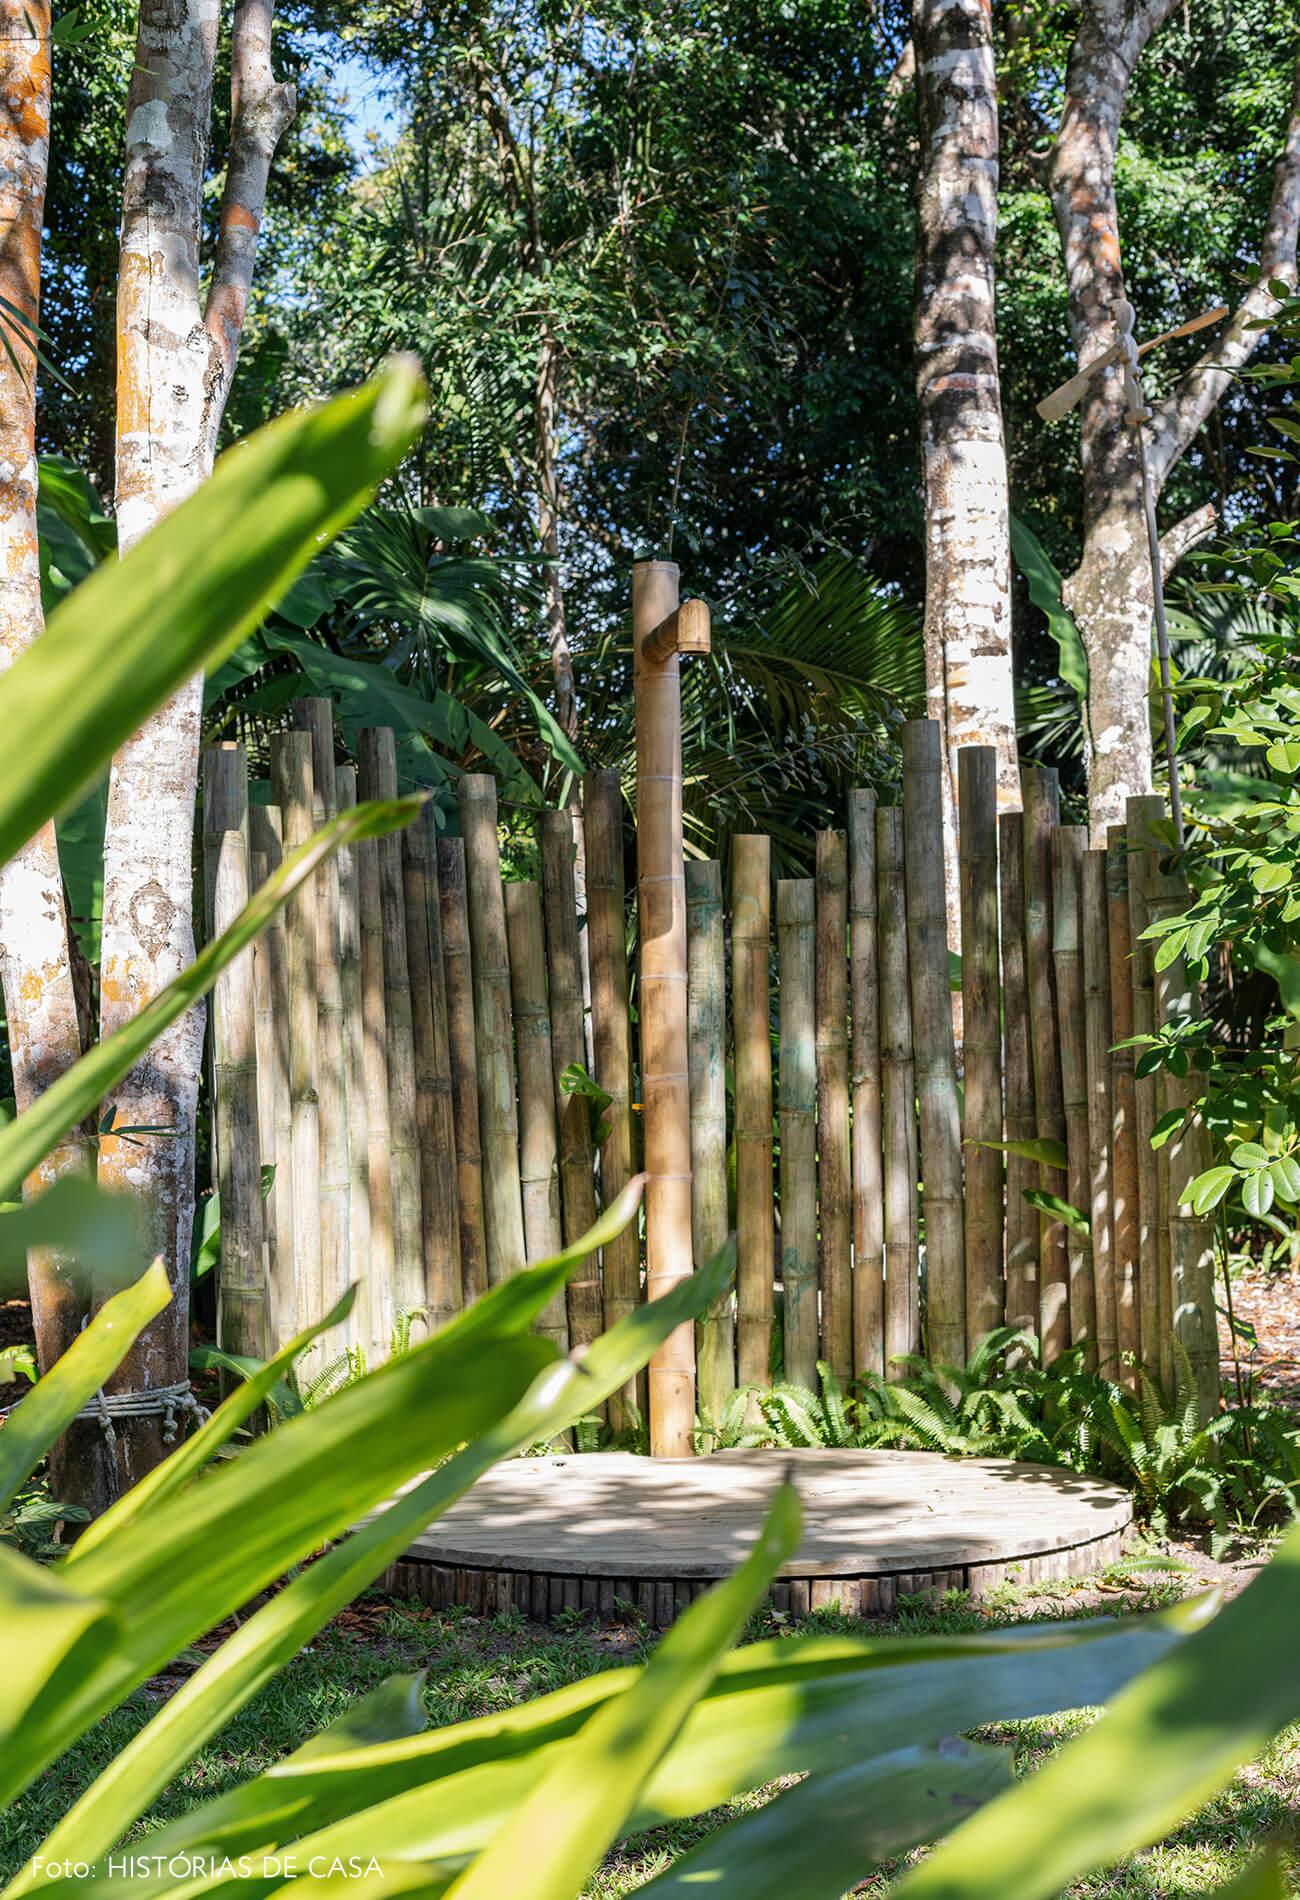 trancoso-decoracao-hotel-villase7e-9-jardim-chuveiro-de-bambu